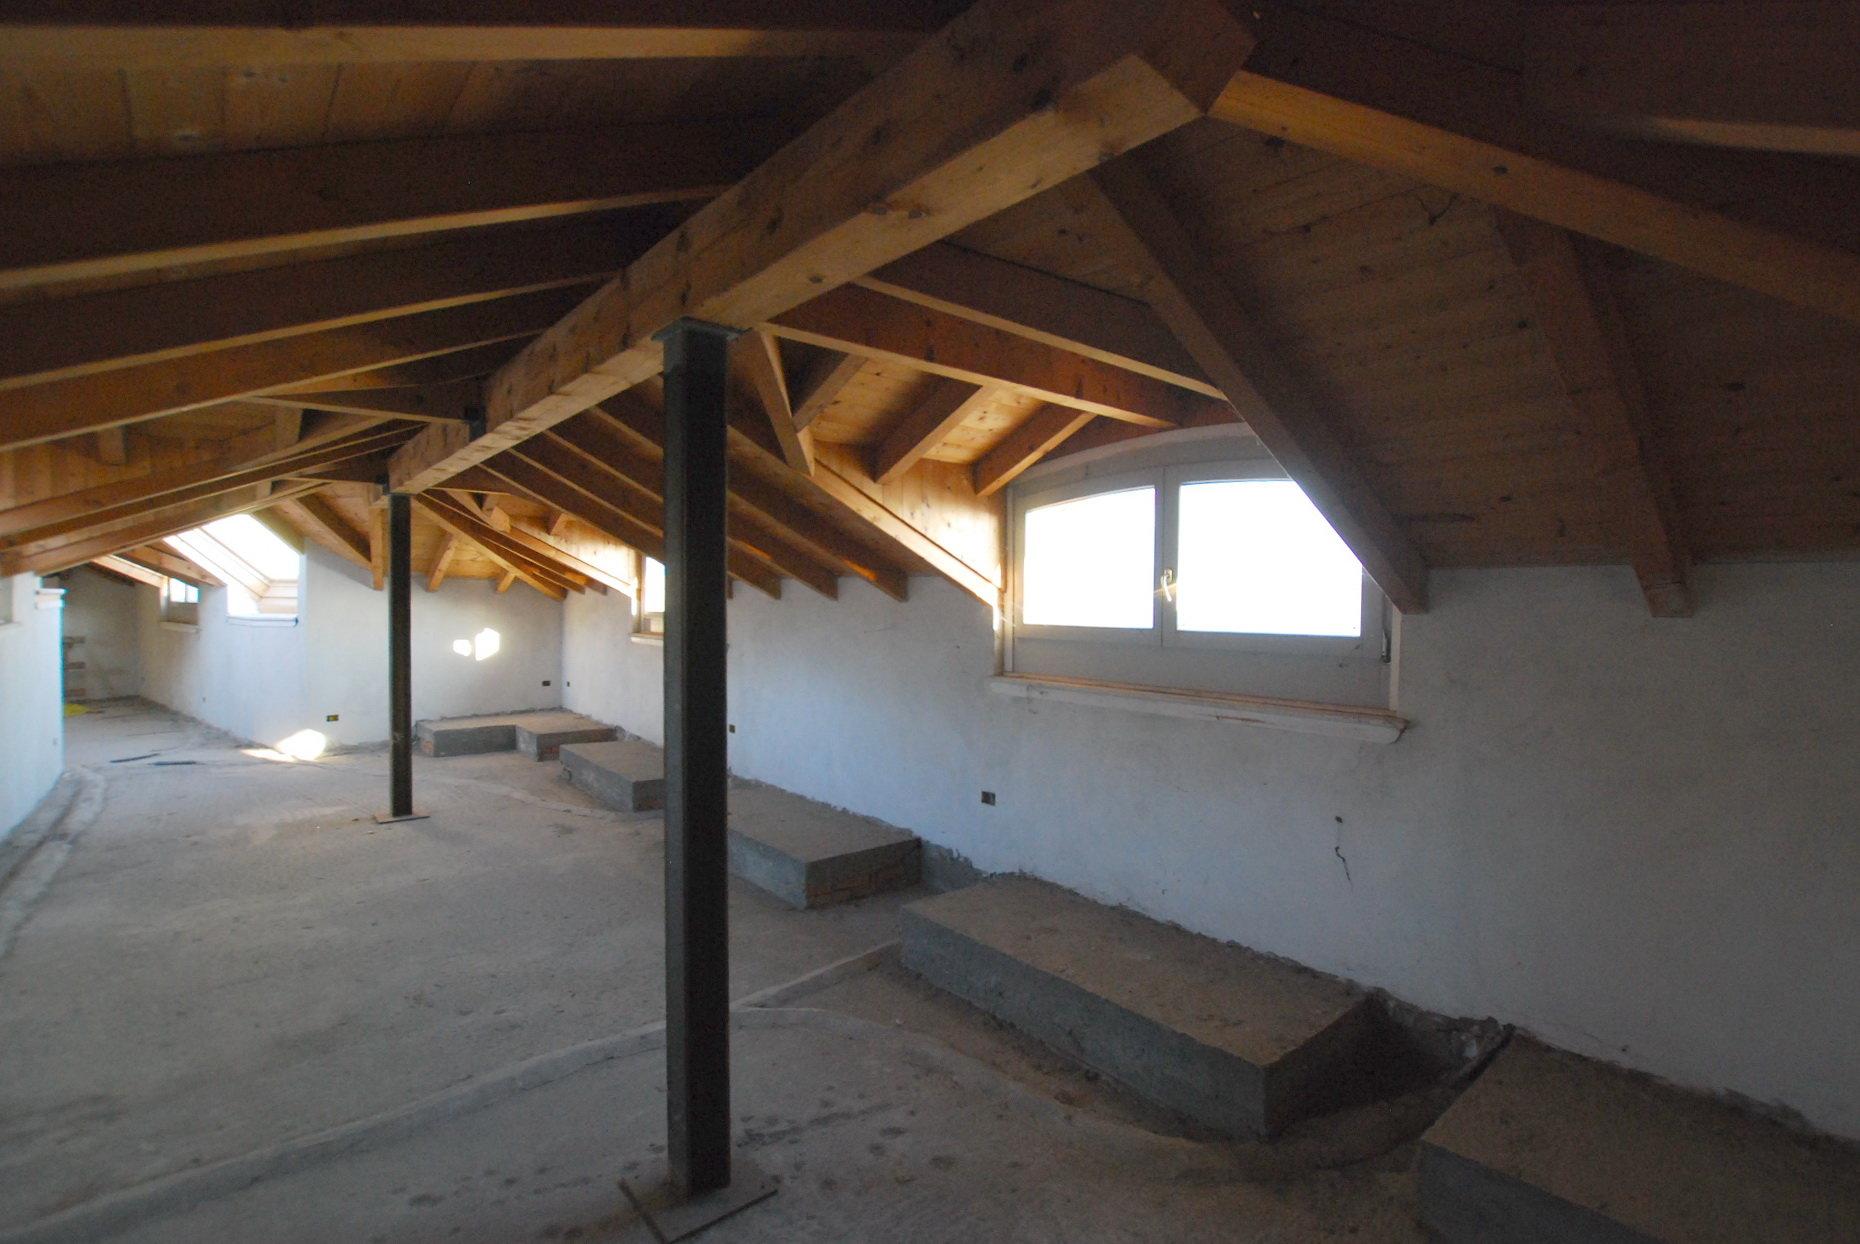 Mansarda consegnata ristrutturata in vendita sul lungolago a Verbania - ambiente interno